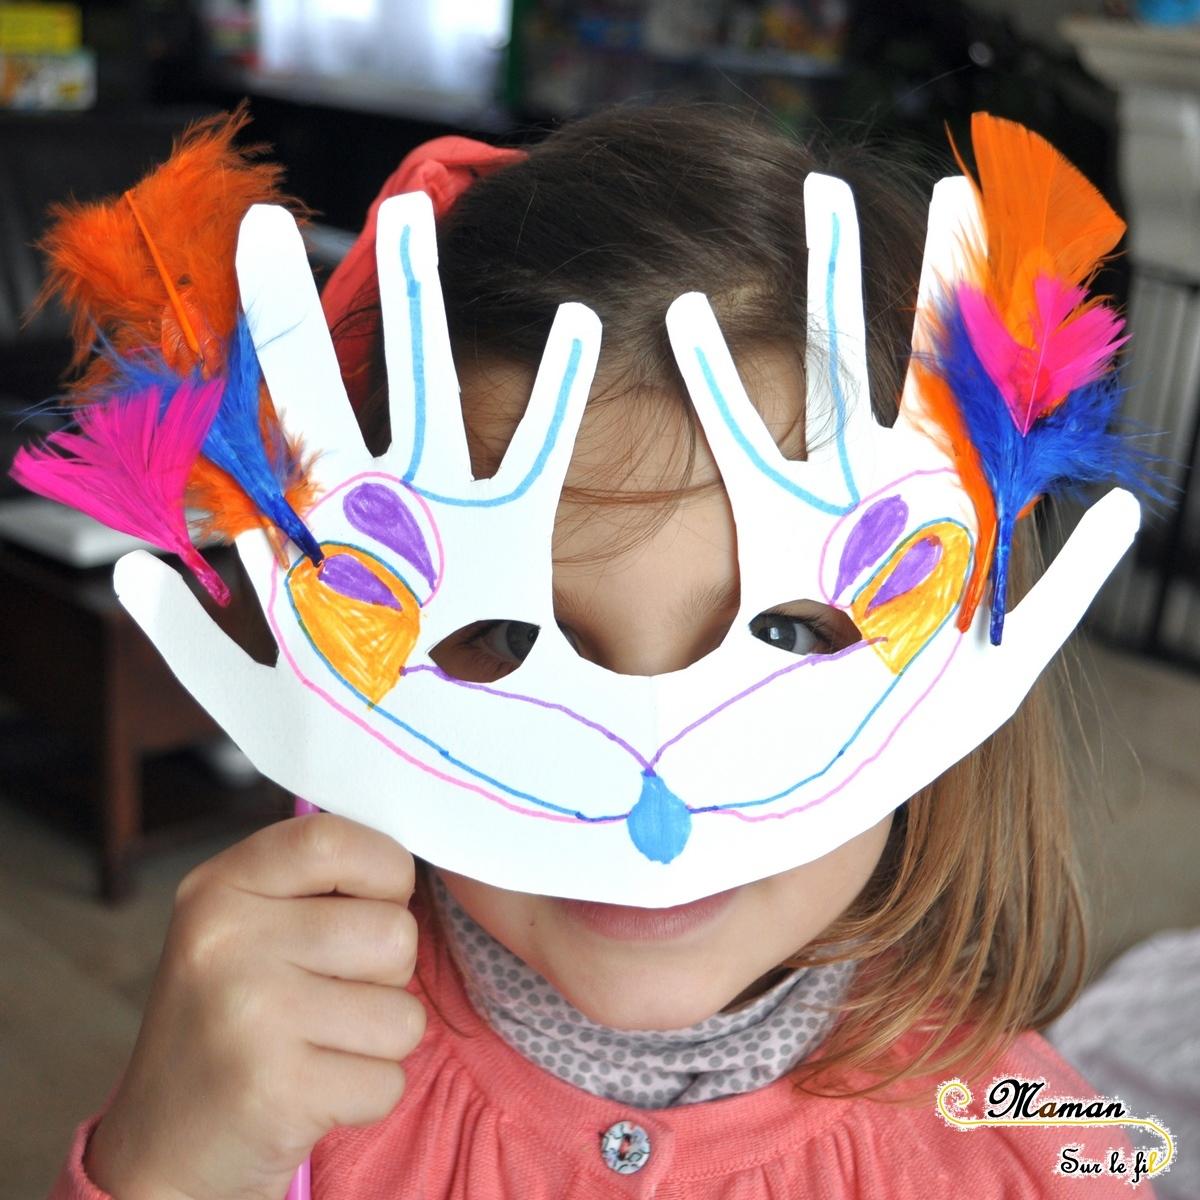 Récapitulatif Carnaval et Mardi-Gras - idées activités lectures jeux sur un thème donné - différents types d'activité : sensorielle, créative, récup, peinture... - jeux à imprimer - Graphisme - Masques DIY - Arlequin - arts visuels - littérature jeunesse - jeux de société - récap sur le fil - mslf